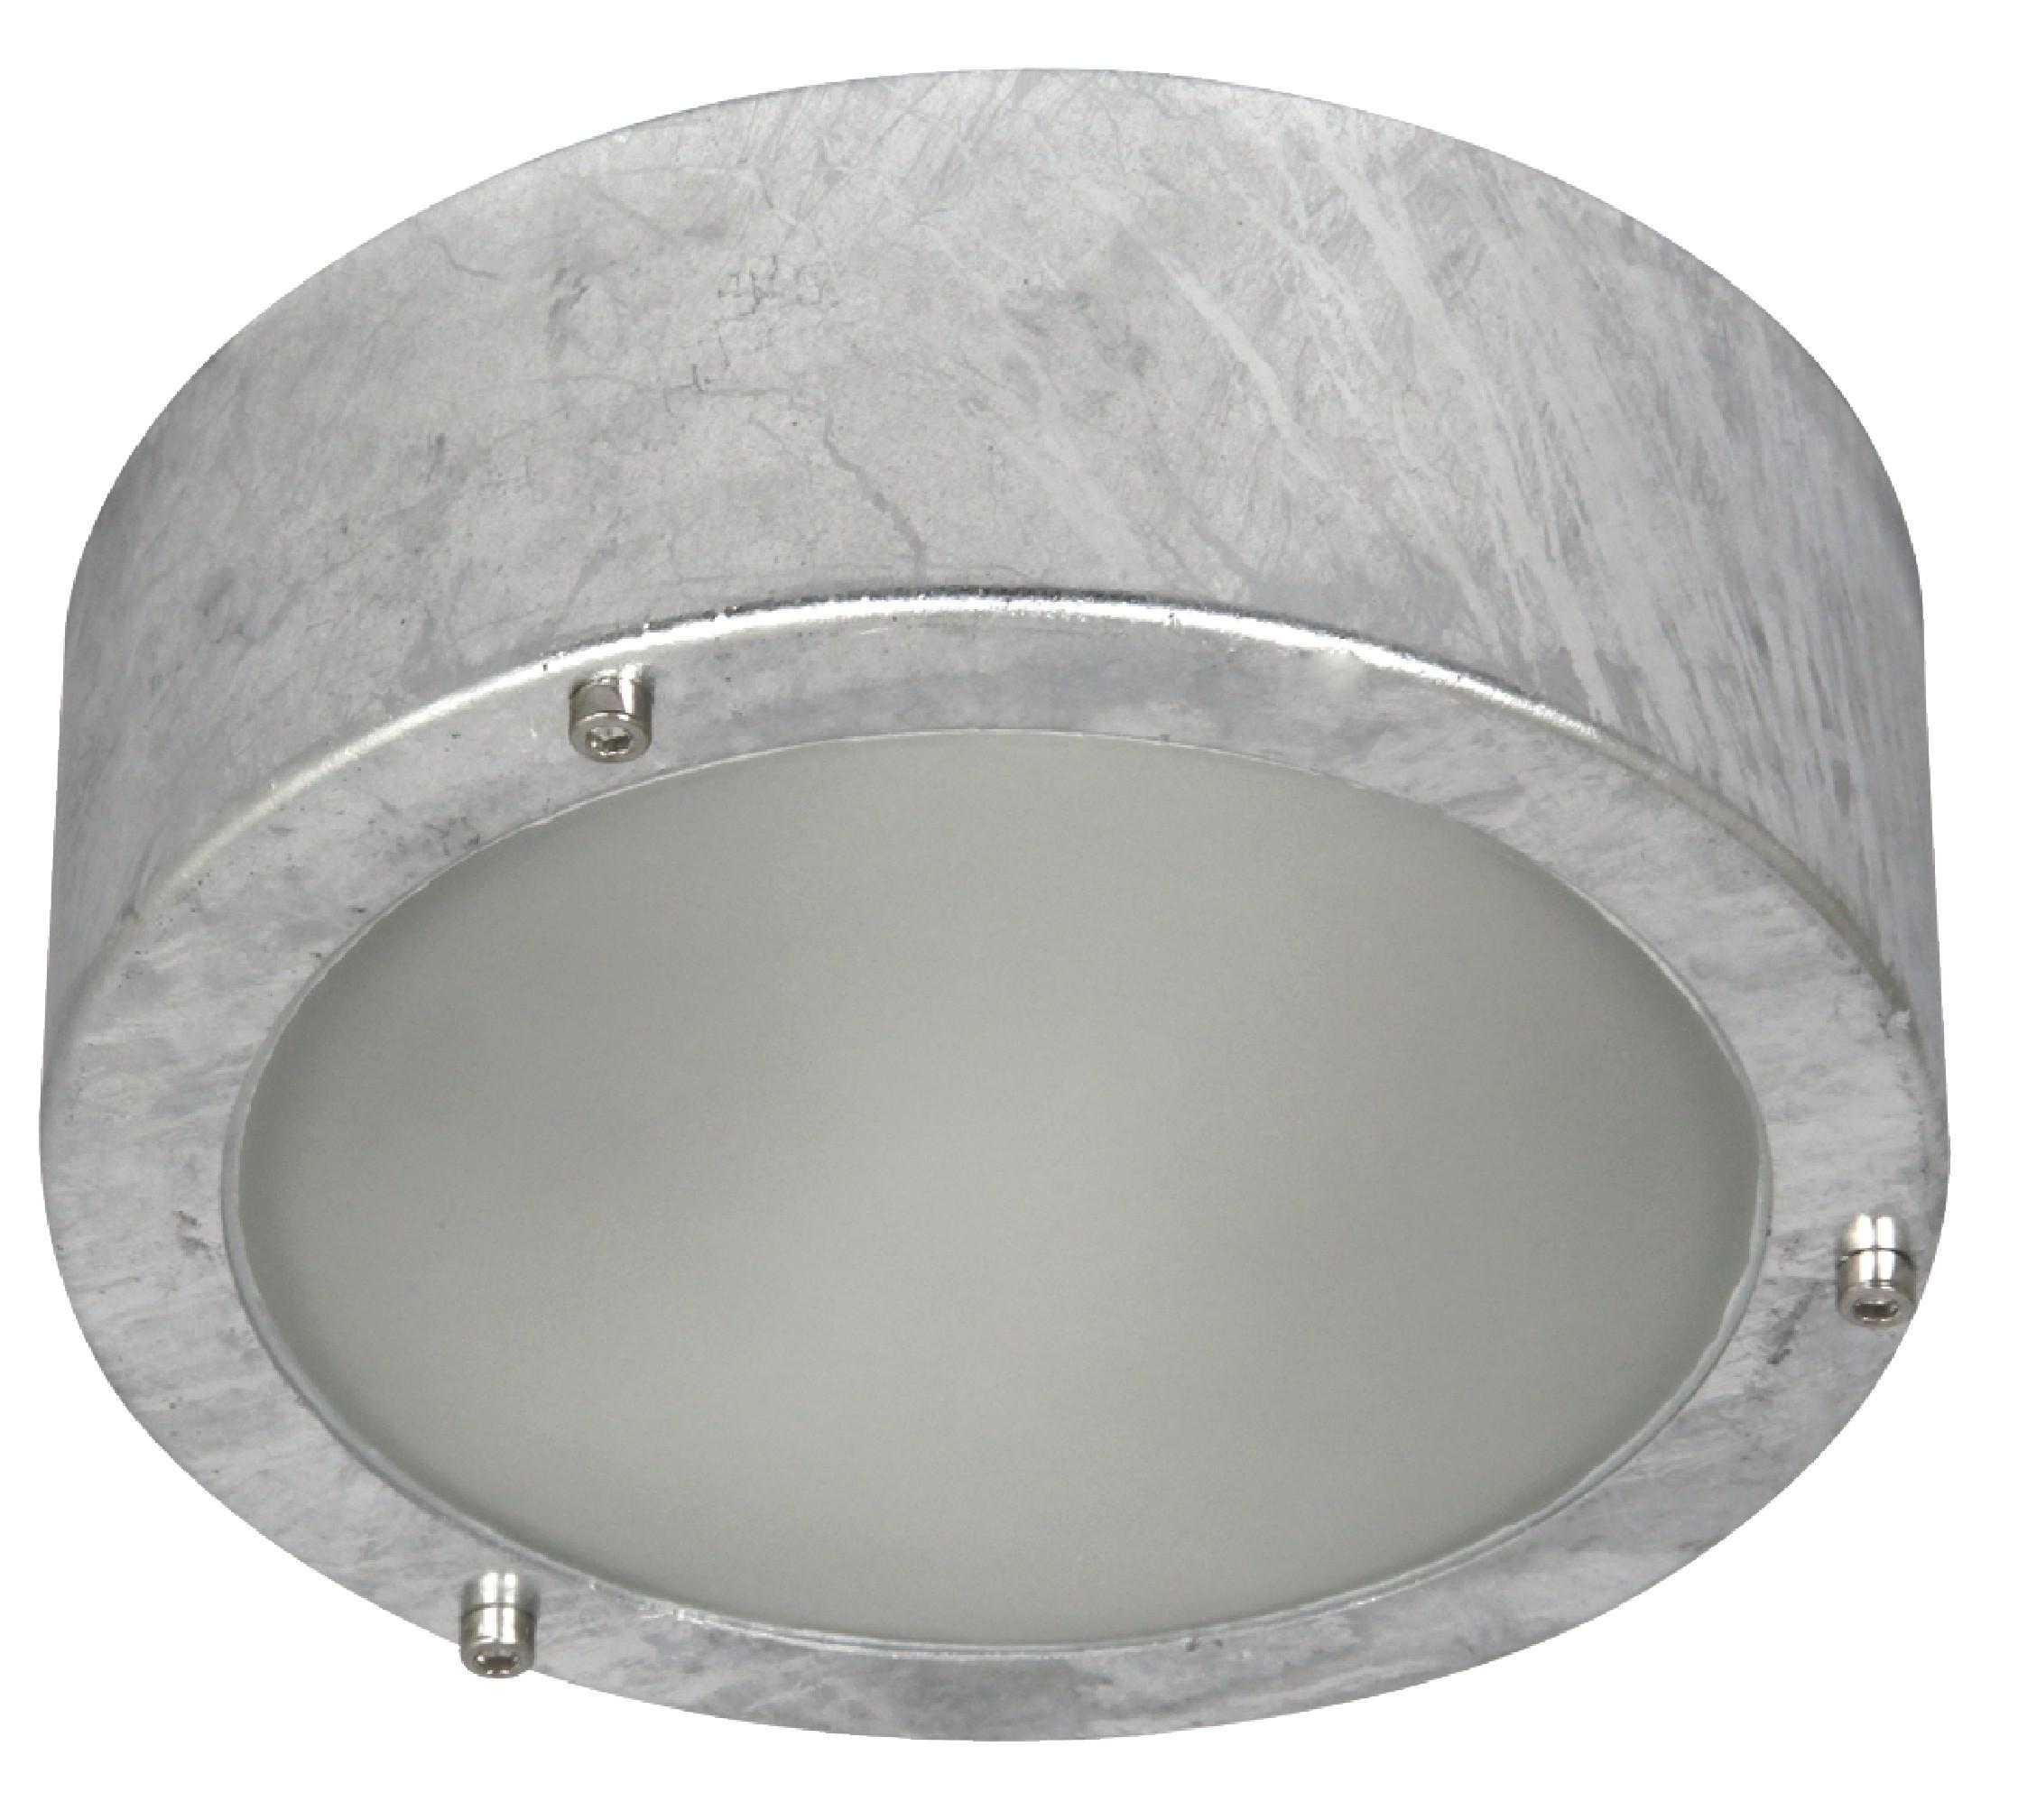 Venkovní stropní/nástěnné svítidlo E27 Dublin Ranex RA-OUTDOOR16